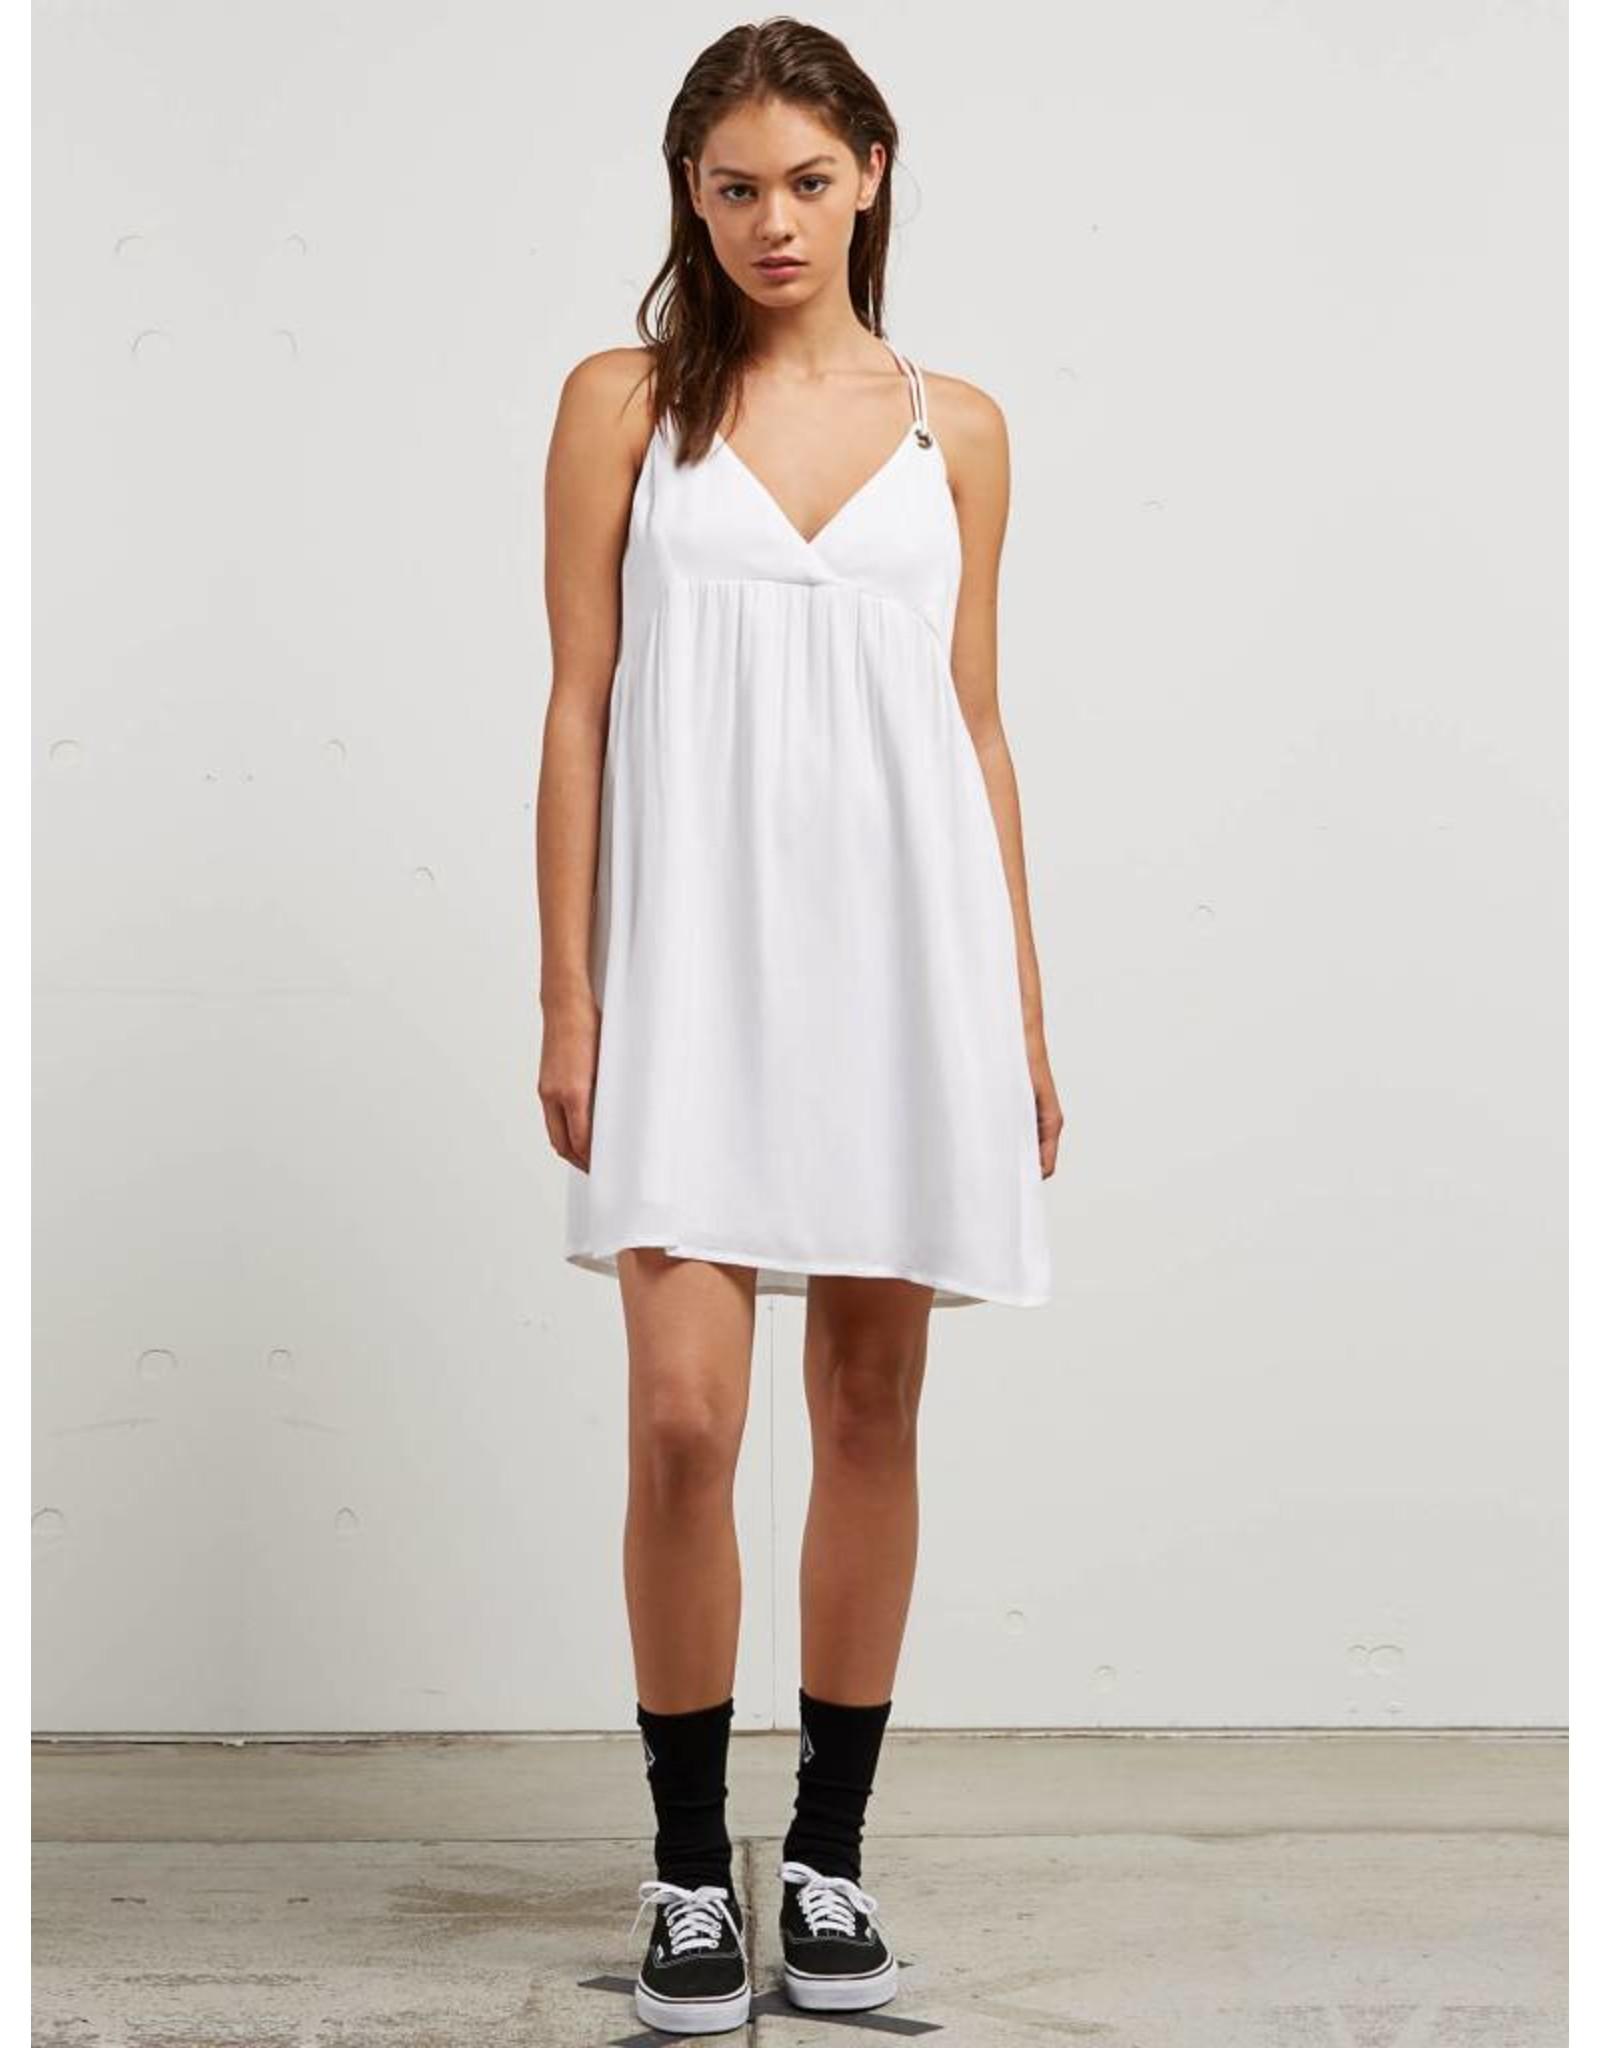 VOLCOM VOLCOM YOU WANT THIS DRESS